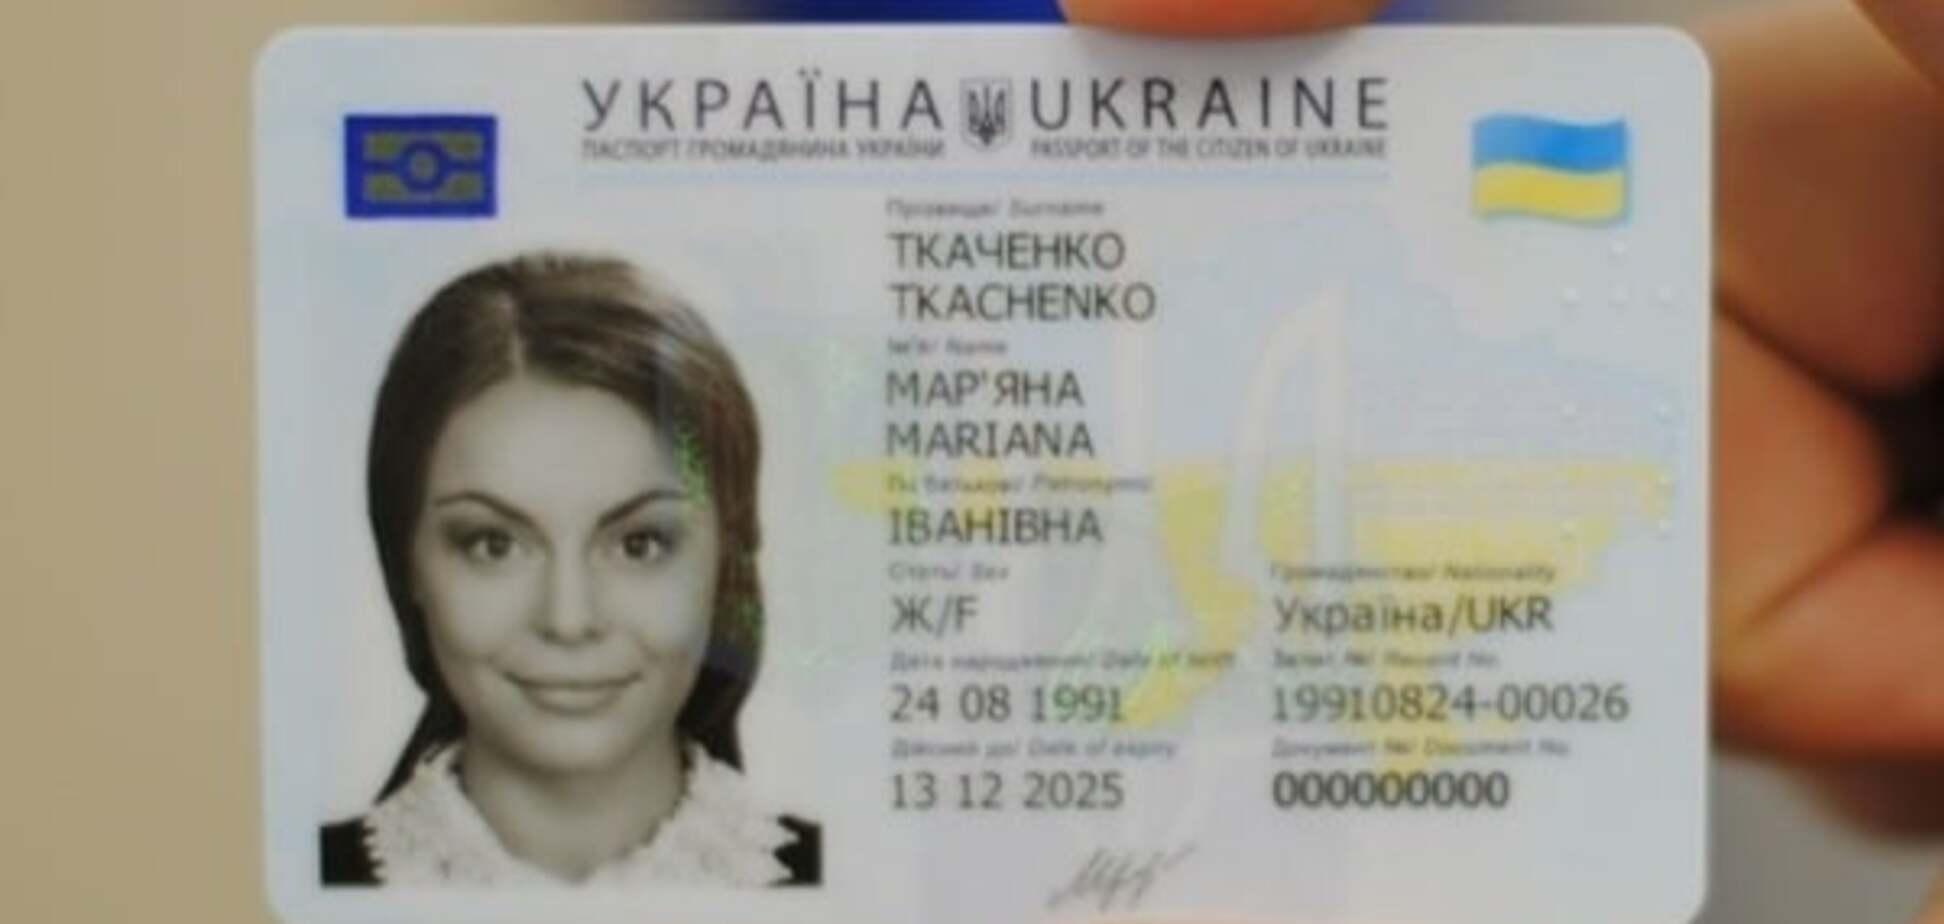 Миграционная служба готовится выдавать ID-карты всем желающим